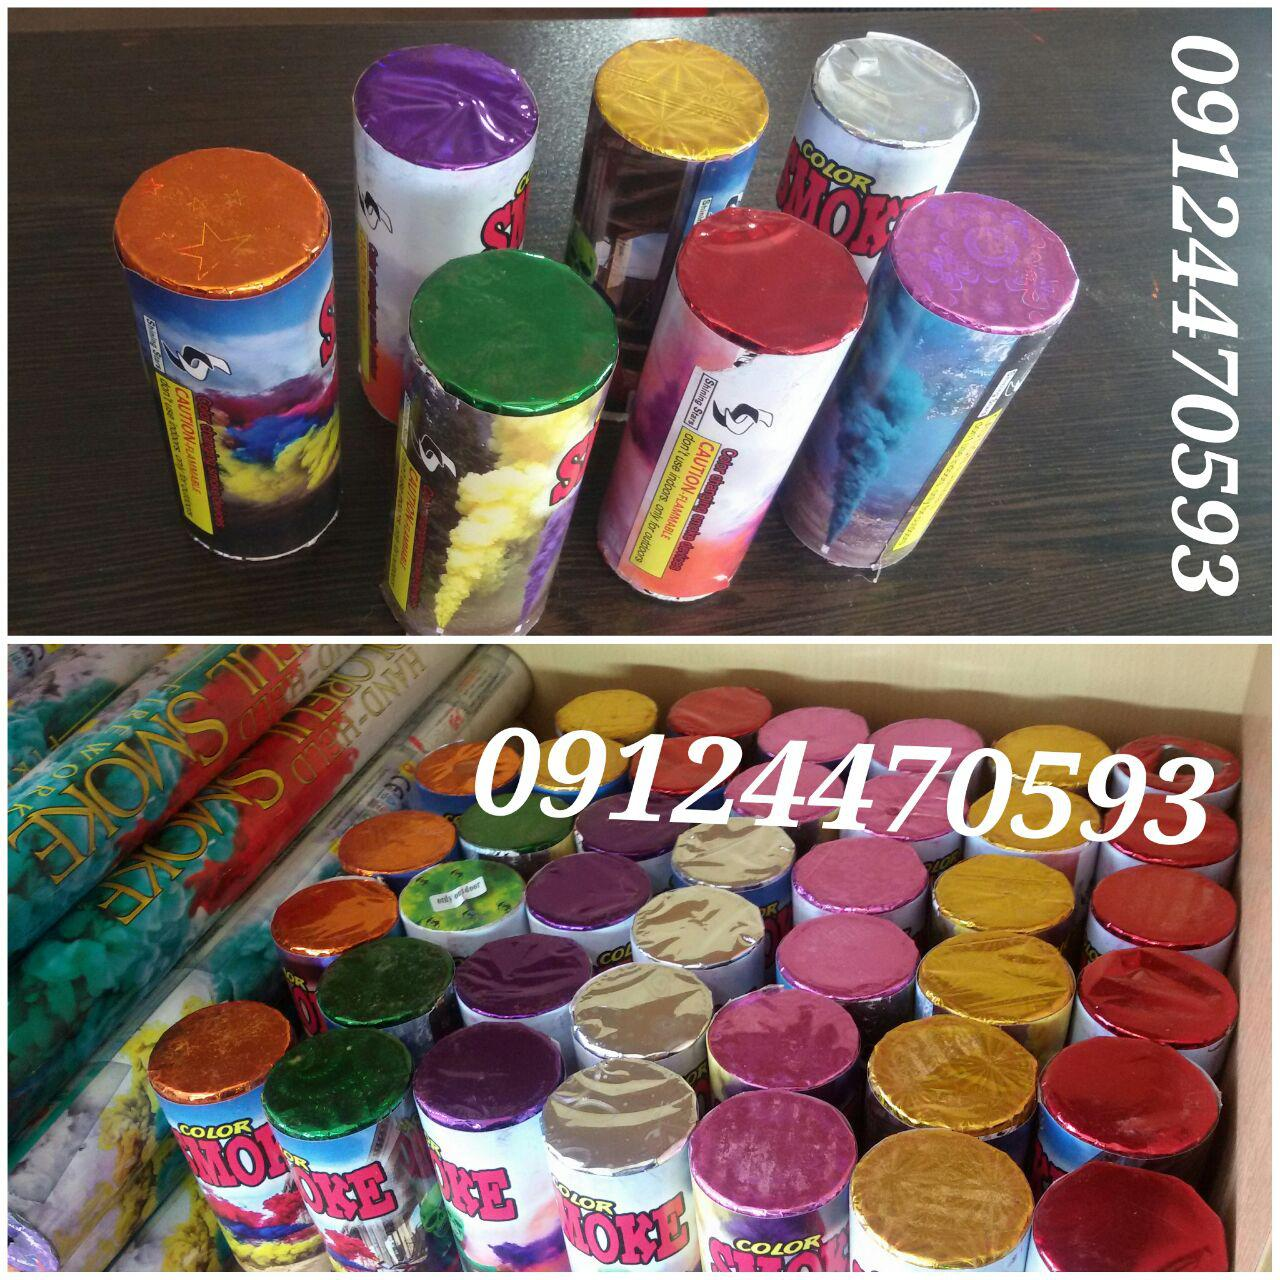 فروش انواع دود رنگی برای مسابقات ورزشی بصورت عمده و قیمت پایین